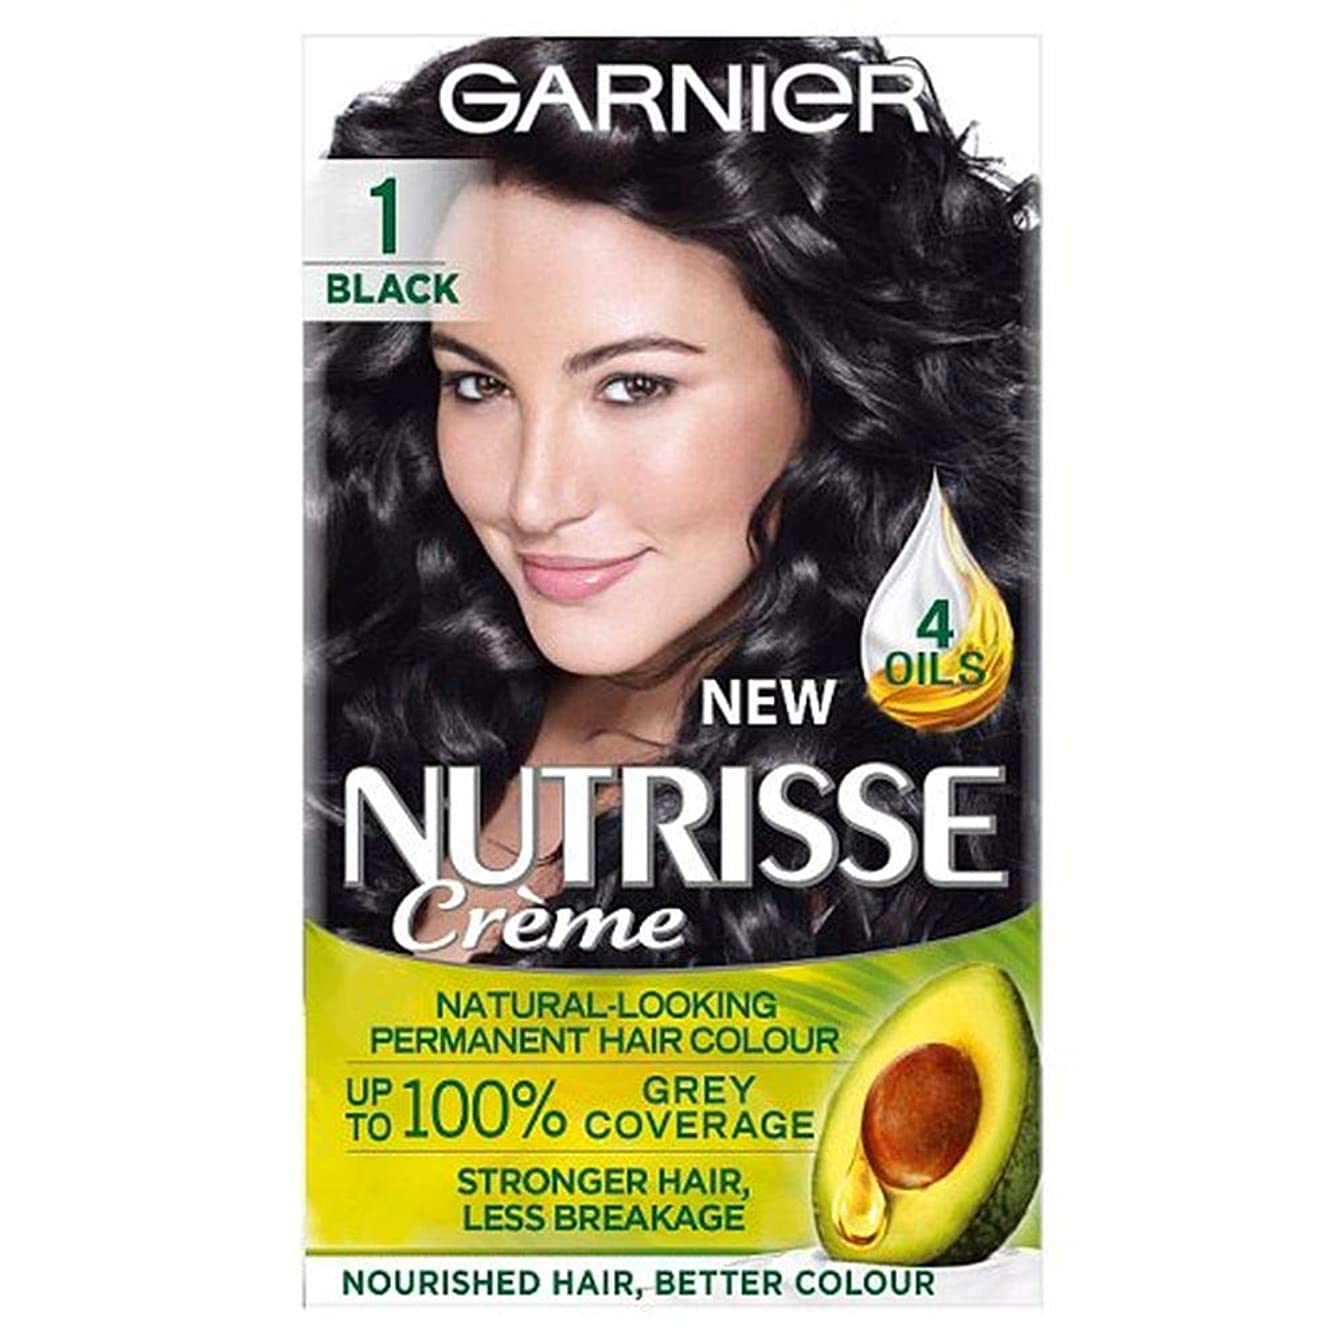 タクト選択する早い[Nutrisse] ガルニエNutrisse 1黒のパーマネントヘアダイ - Garnier Nutrisse 1 Black Permanent Hair Dye [並行輸入品]